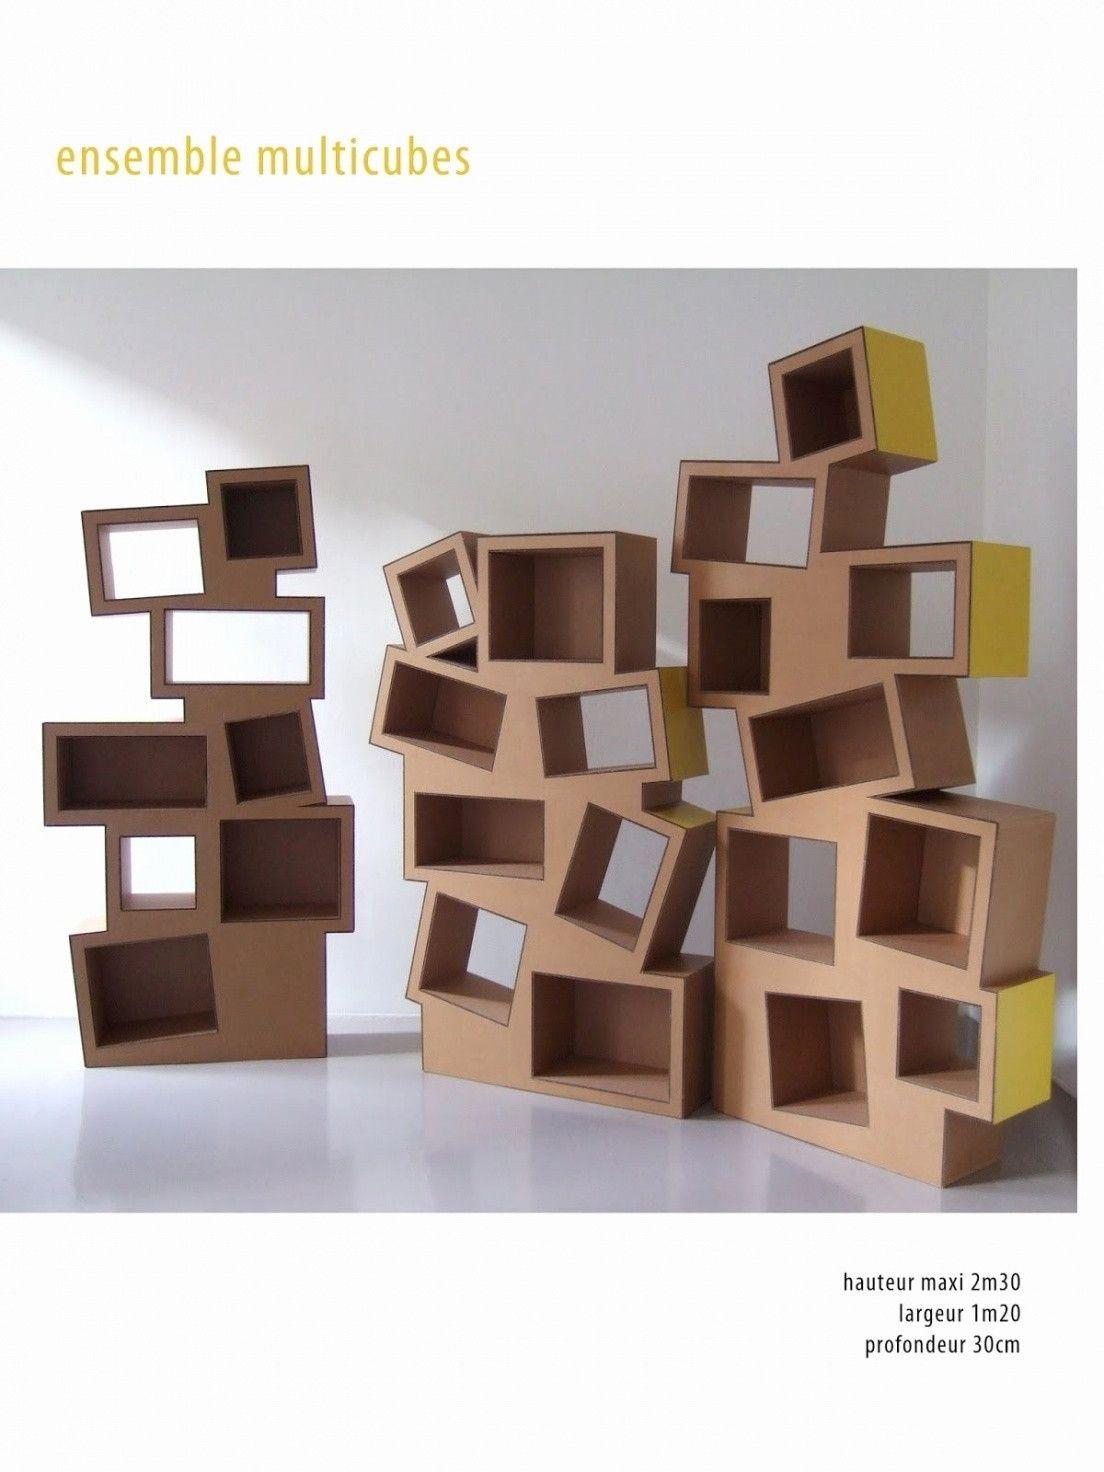 Meuble Audio Video Nouveau Rpc Meuble De Tele Rpclefilm De 14 Concepts Meuble Audio Video Galerie Cardboard Design Cardboard Furniture Furniture Diy